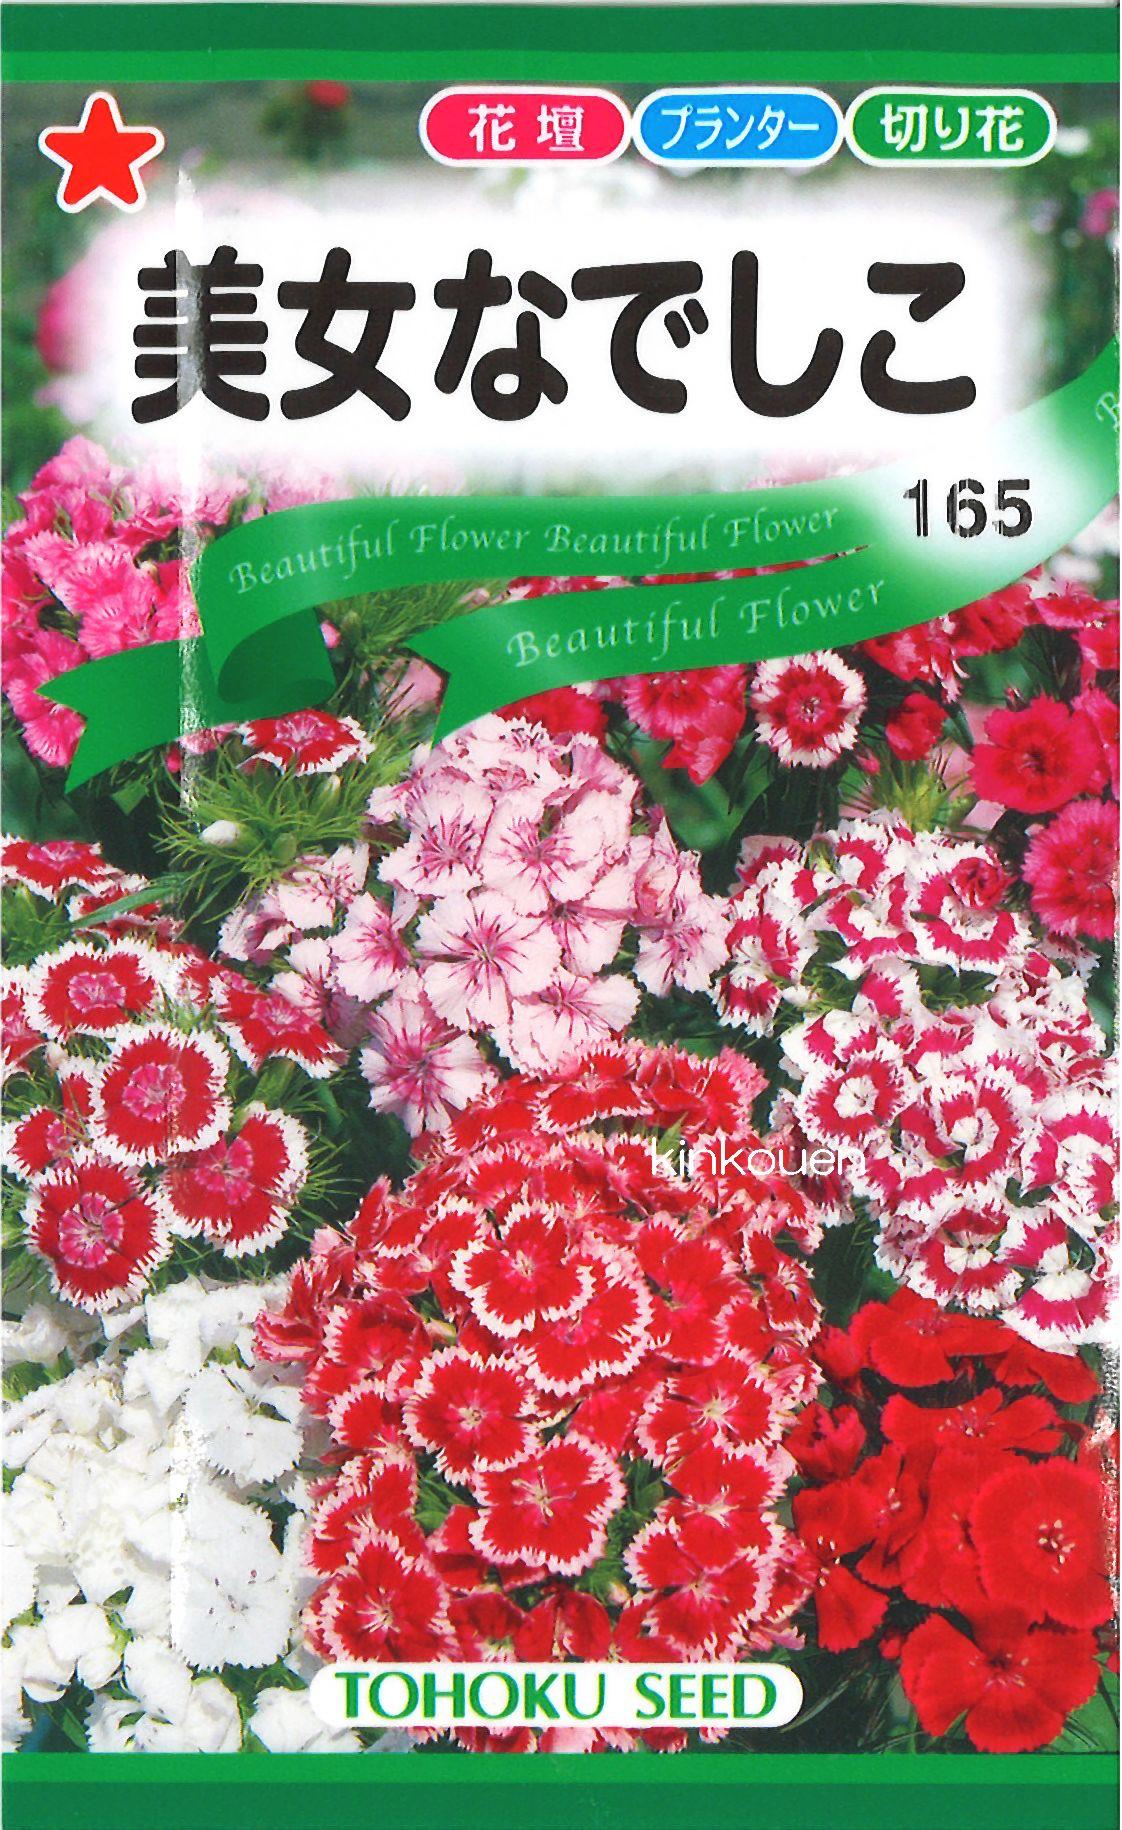 【代引不可】【5袋まで送料80円】 □美女なでしこ